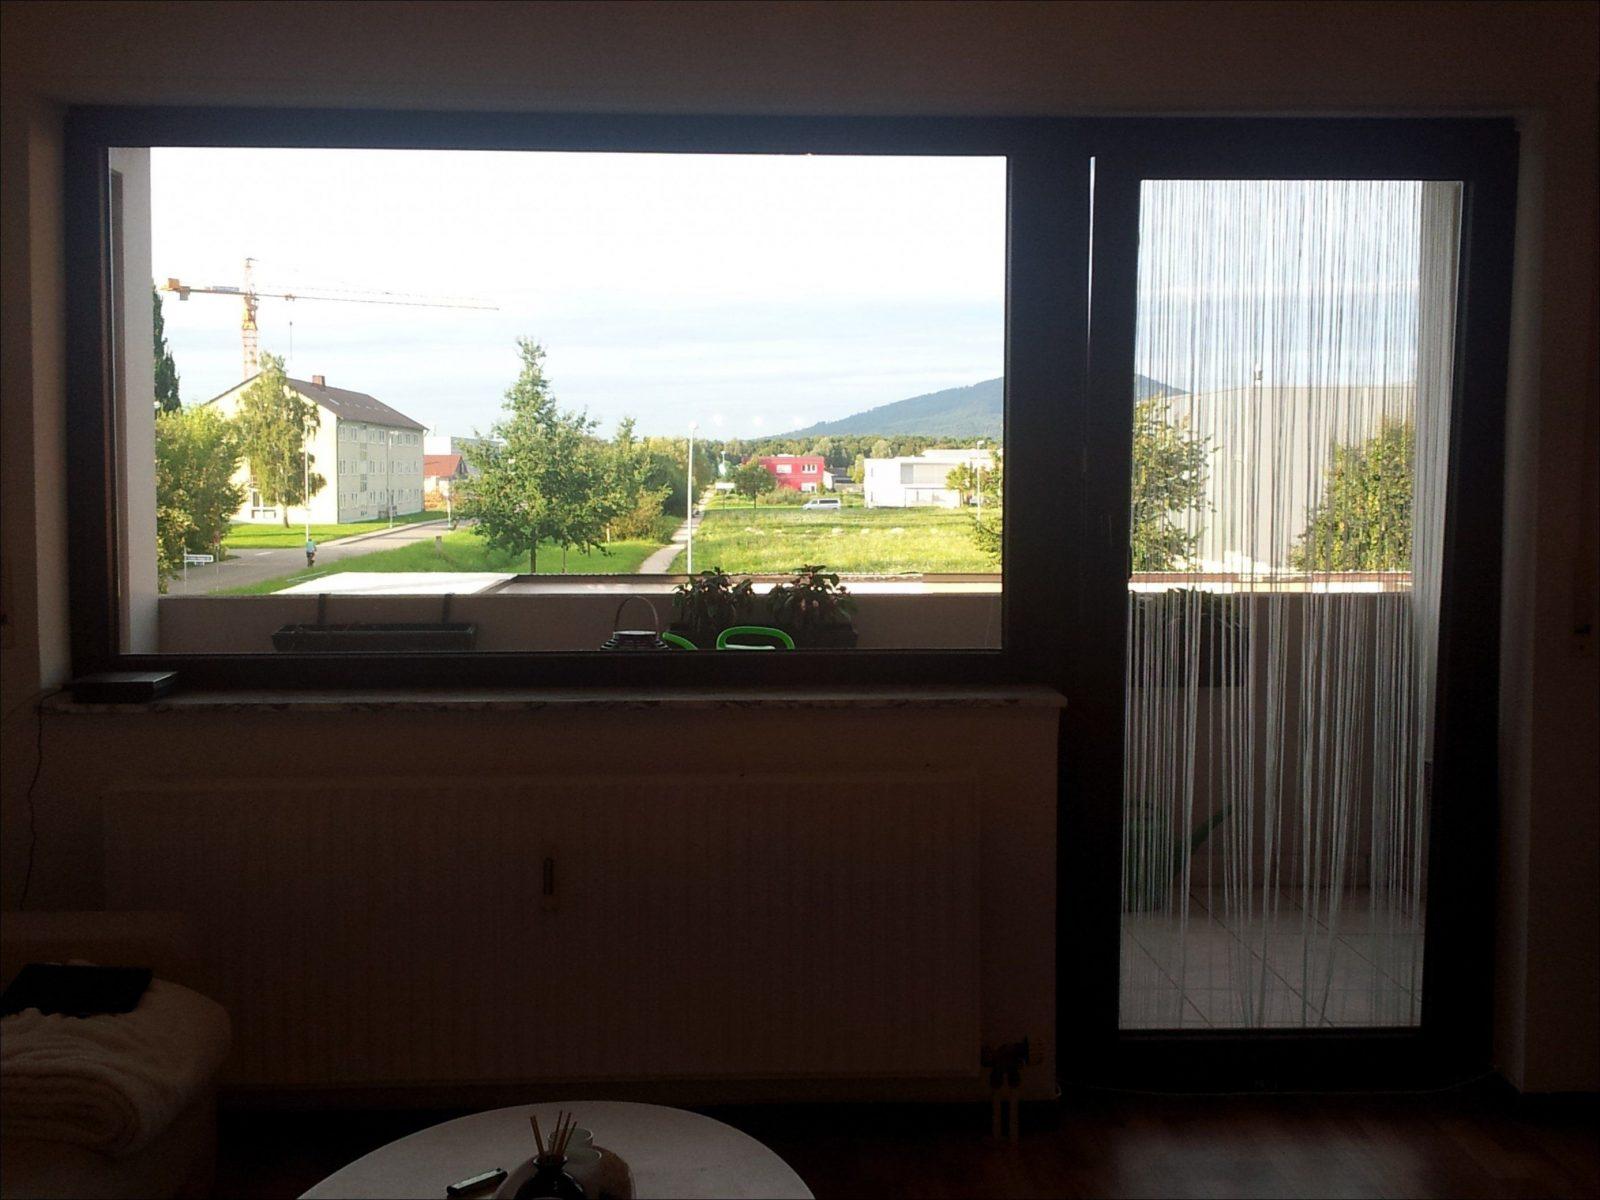 Gardinen Trefflich Gardinen Für Großes Fenster Mit Balkontür von Wohnzimmer Gardinen Mit Balkontür Bild